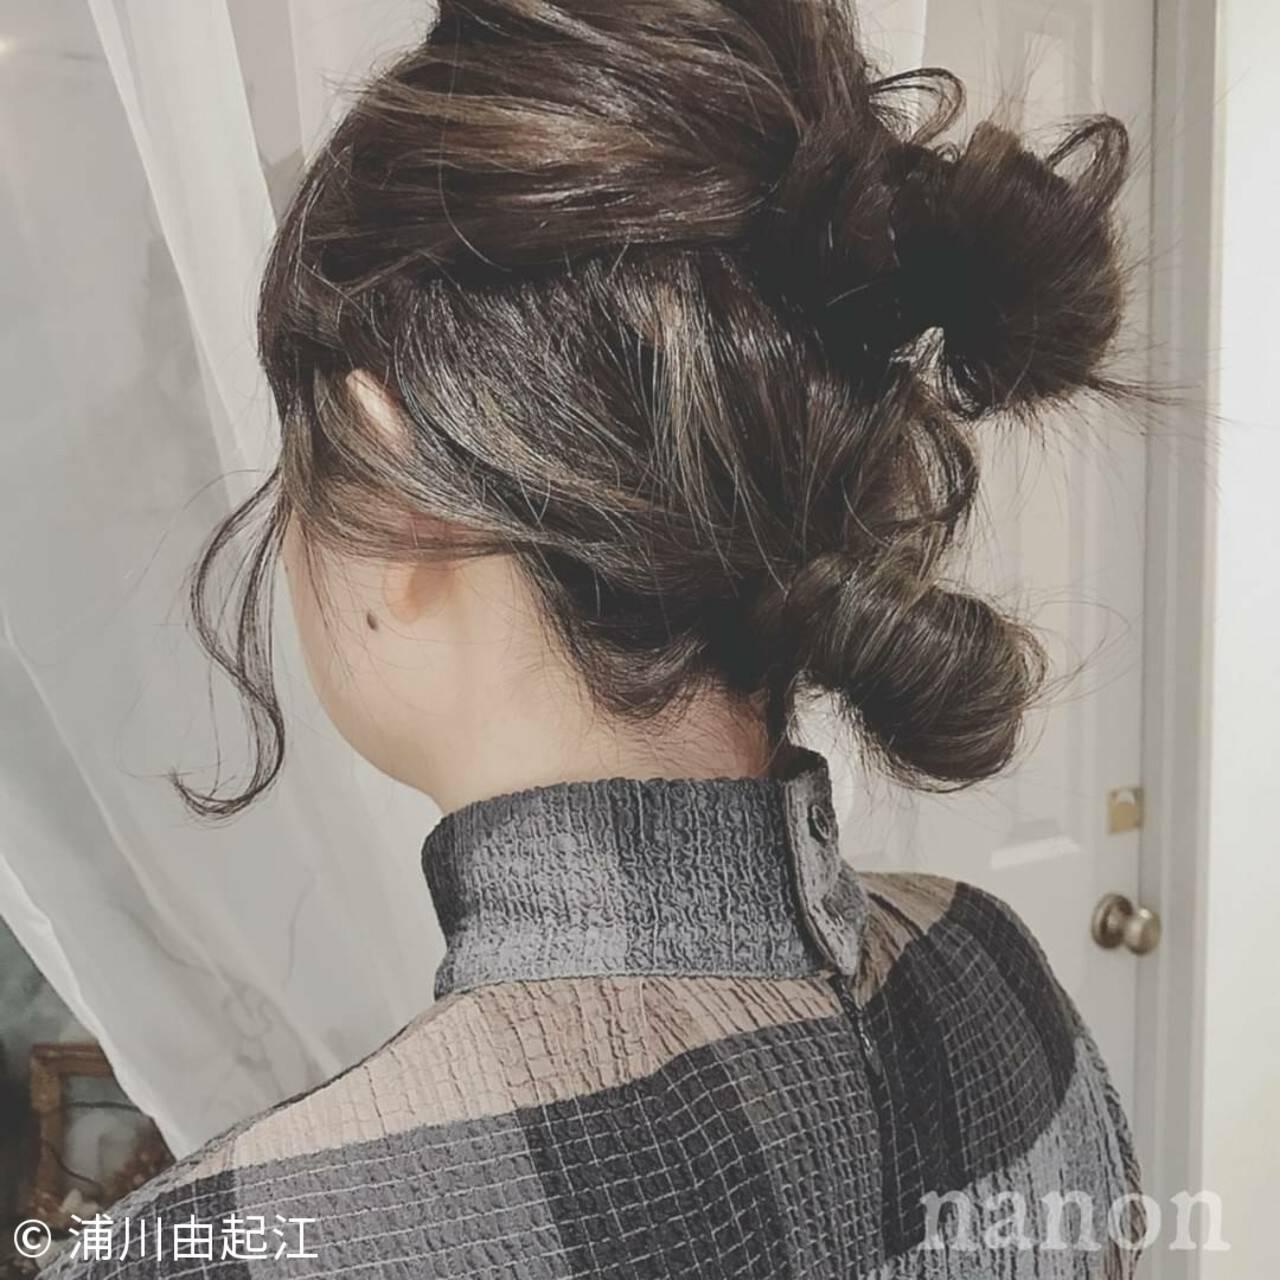 モテ髪 ナチュラル グラデーションカラー デートヘアスタイルや髪型の写真・画像